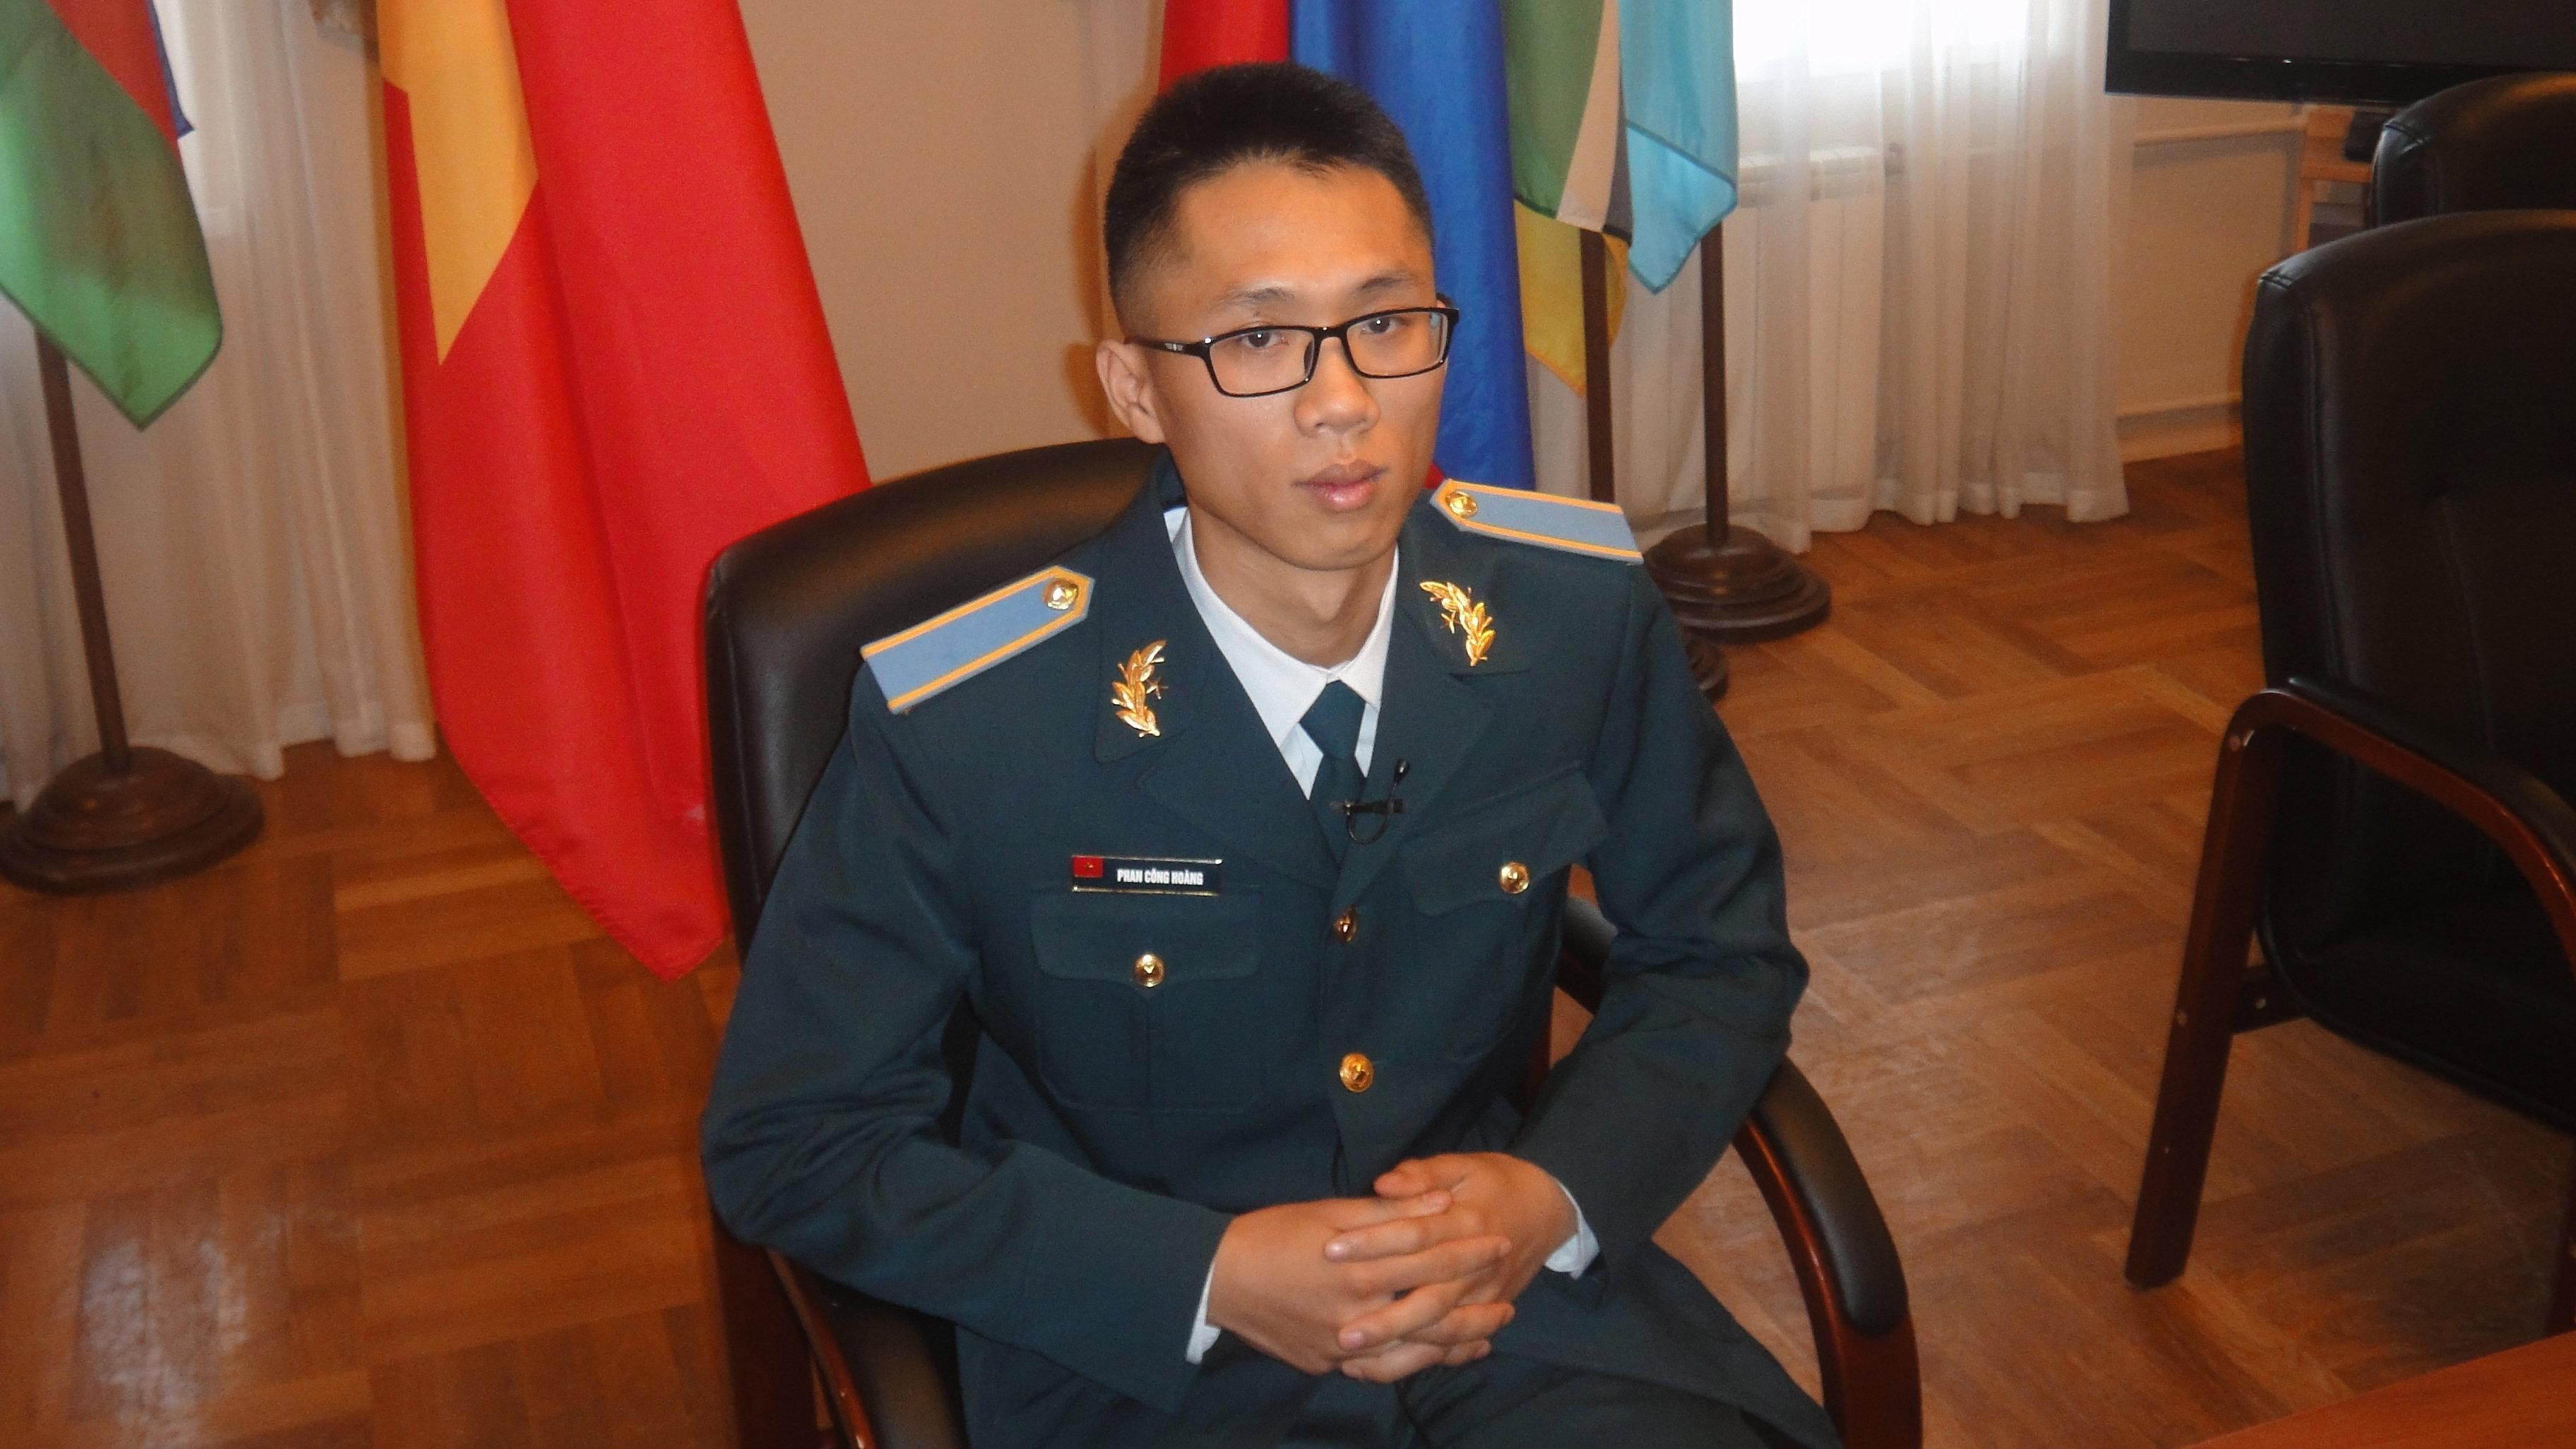 Le Vietnamien Phan Cong Hoang, élève de la cinquième année d'études à la faculté spéciale de l'Académie militaire spatiale russe Mojaïski